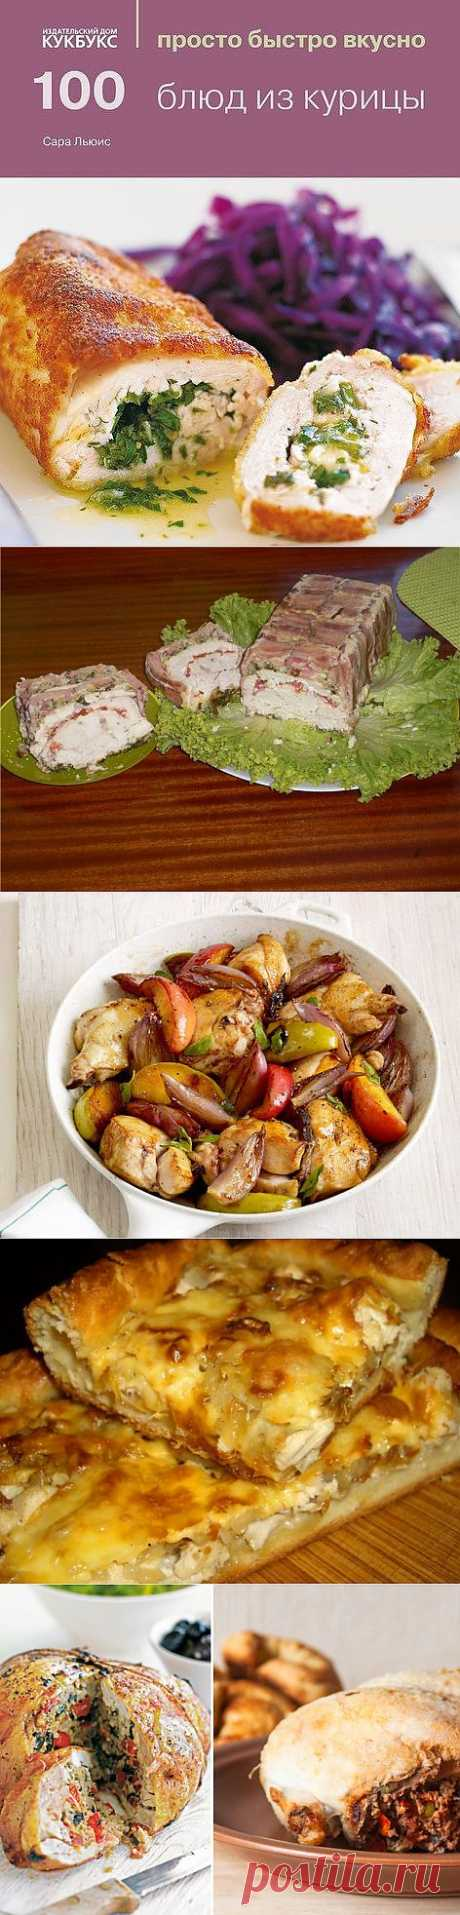 Книжные рецепты: блюда из курицы